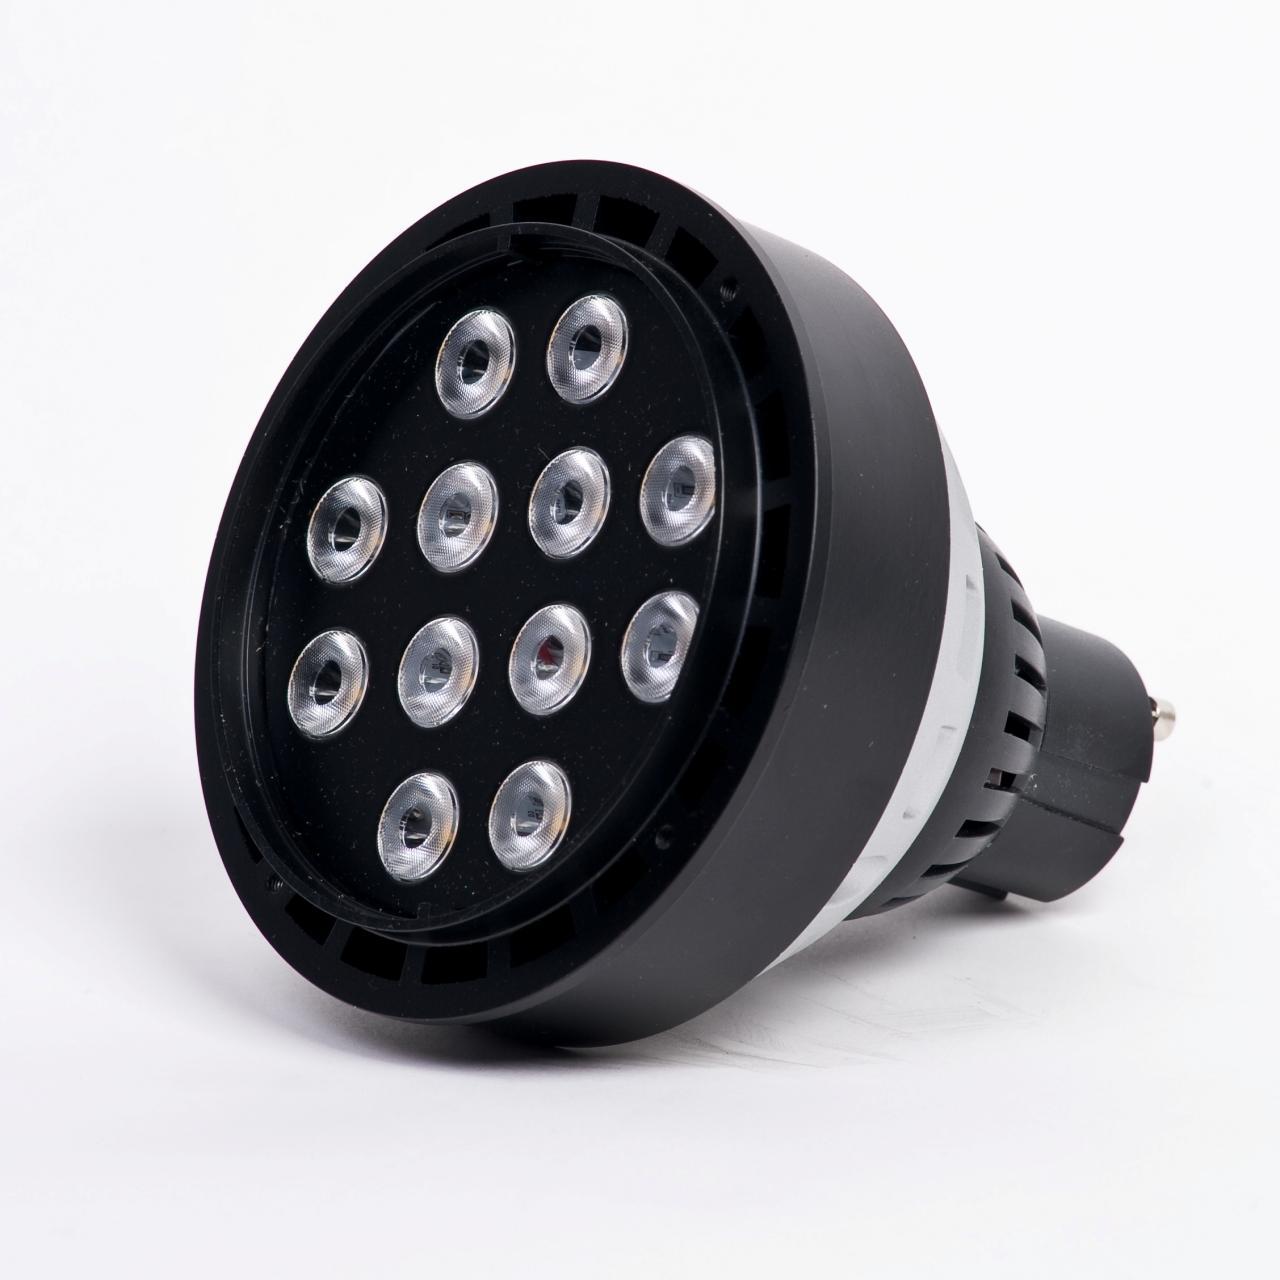 LED 12V PAR30 14W  sc 1 st  Moon Visions Lighting & LED 12V PAR30 14W | Moon Visions Lighting azcodes.com